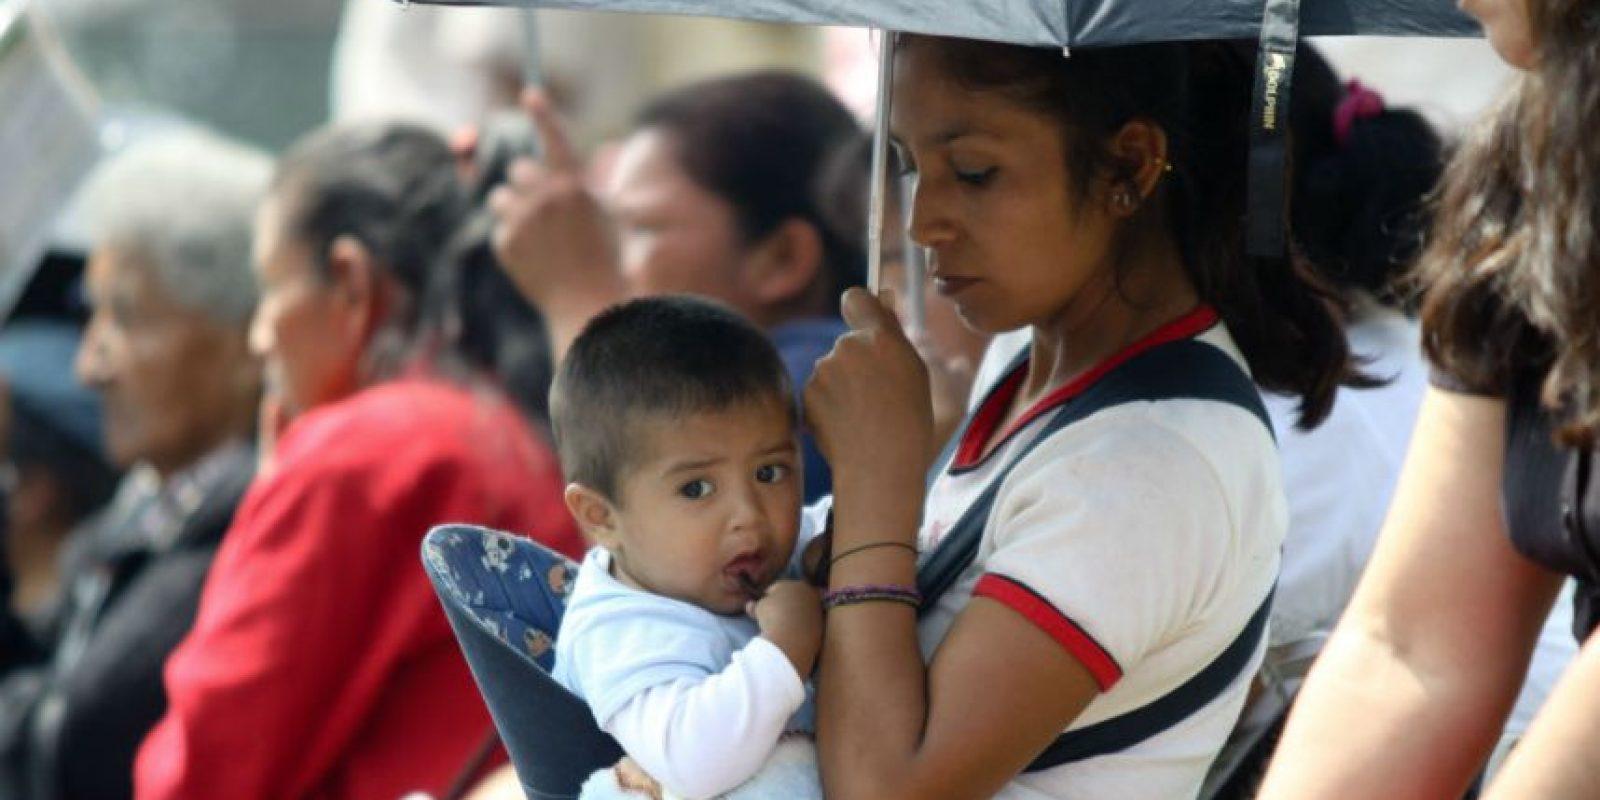 El matrimonio de niñas es alarmante en los estados de Chiapas, Guerrero y Veracruz Foto:Cuartoscuro